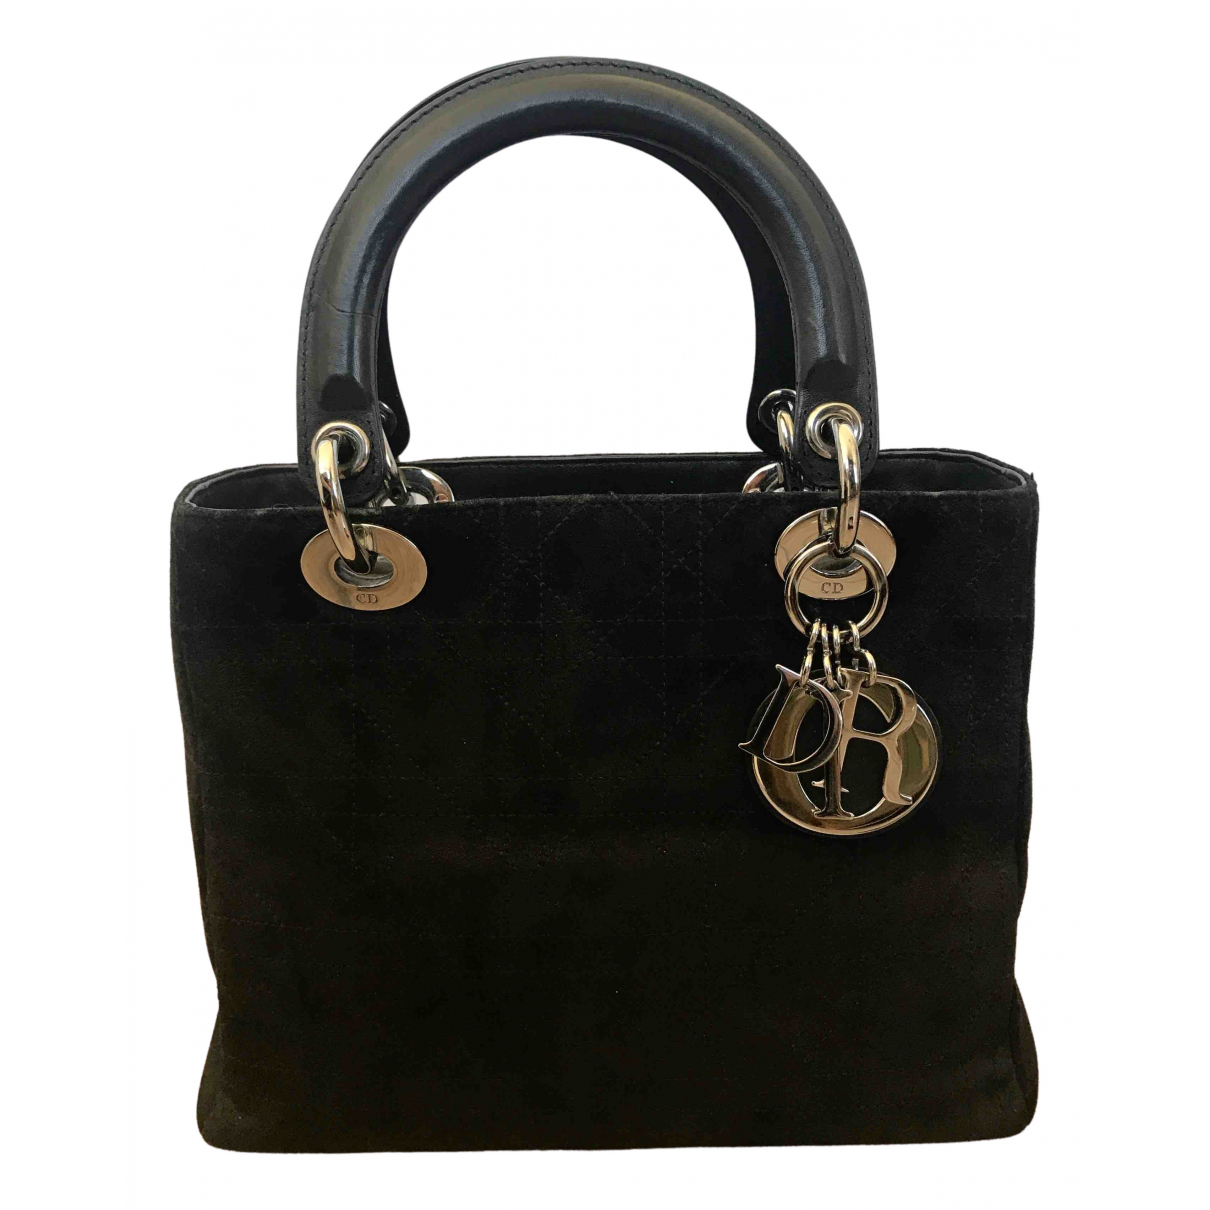 Dior - Sac a main Lady Dior pour femme en suede - noir